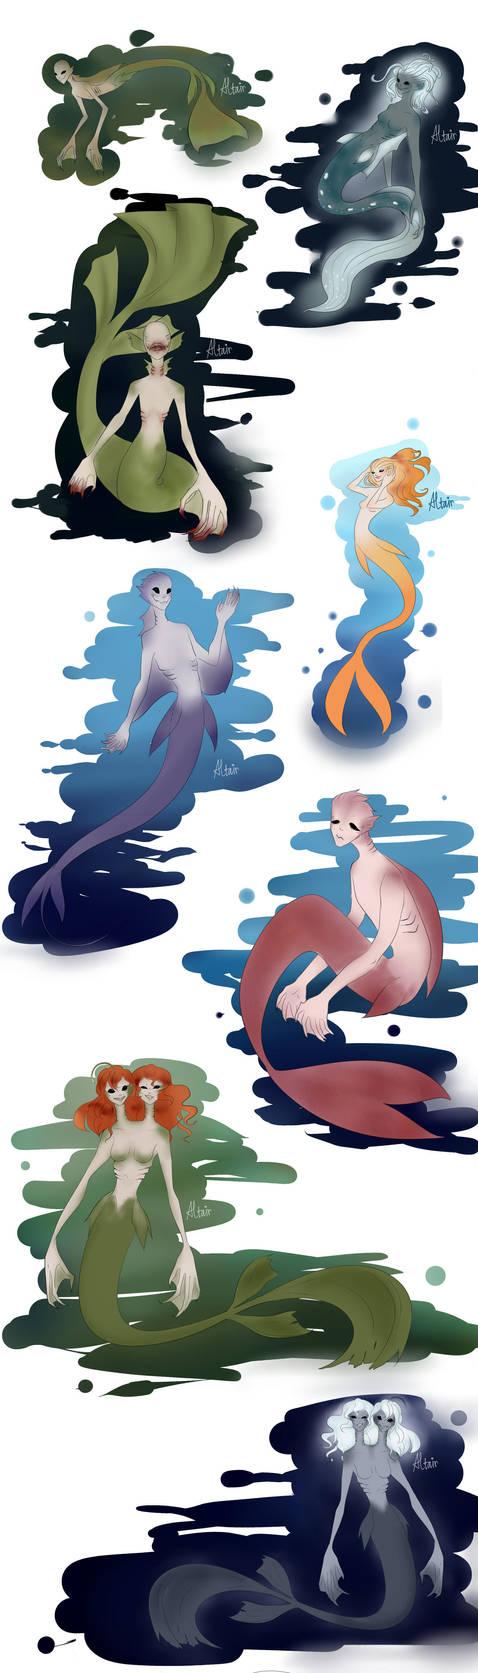 Mermaid/merman(?) by TheKillerDemon